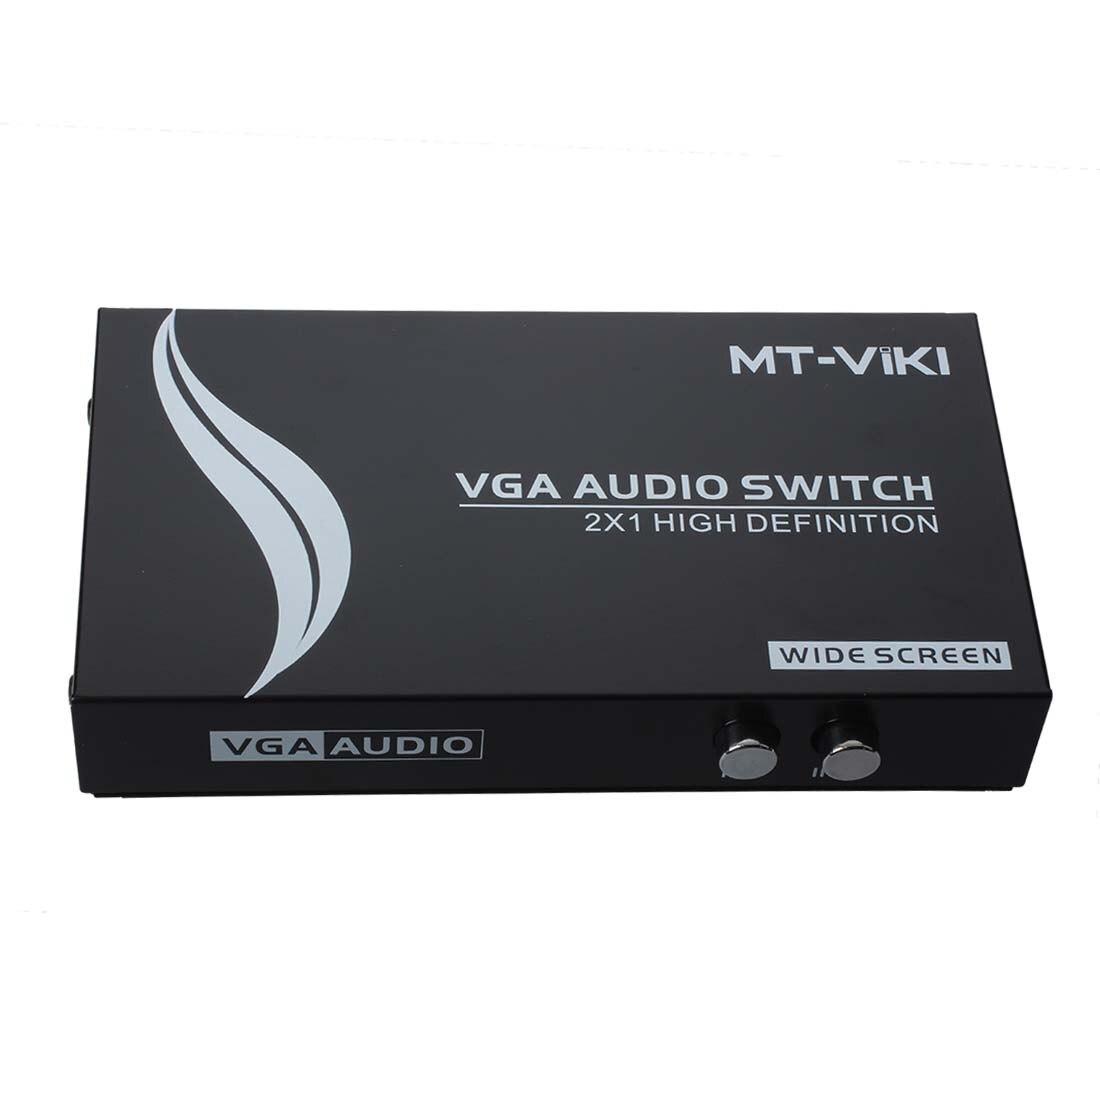 Kvm-switches 2 Drücken Sie Die Taste Dual 15pin Vga Ports In Audio Splitter Switch Box Schwarz-scll Eine Hohe Bewunderung Gewinnen